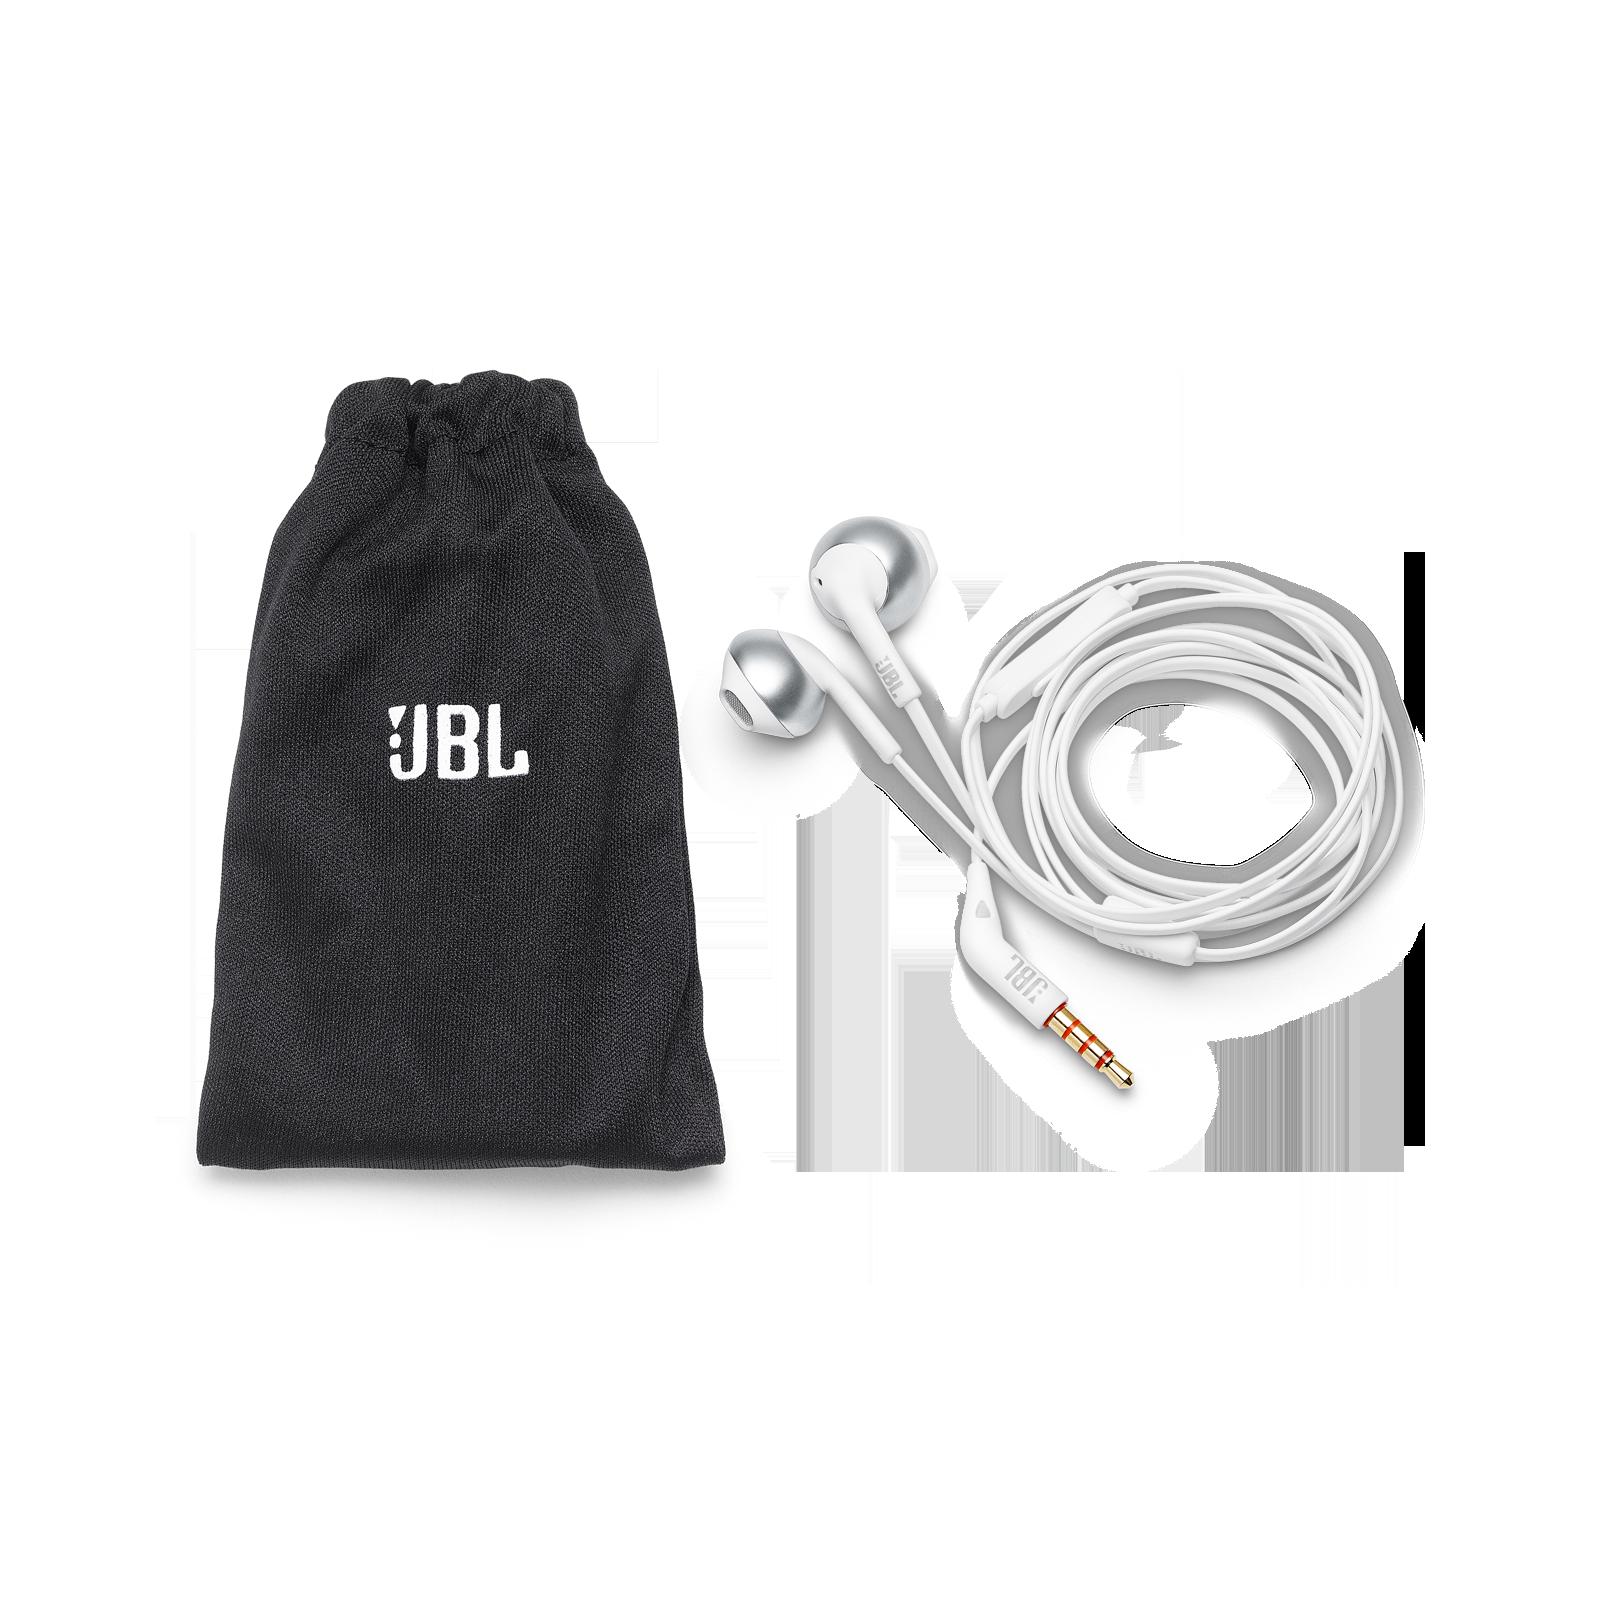 JBL TUNE 205 - Chrome - Earbud headphones - Detailshot 2